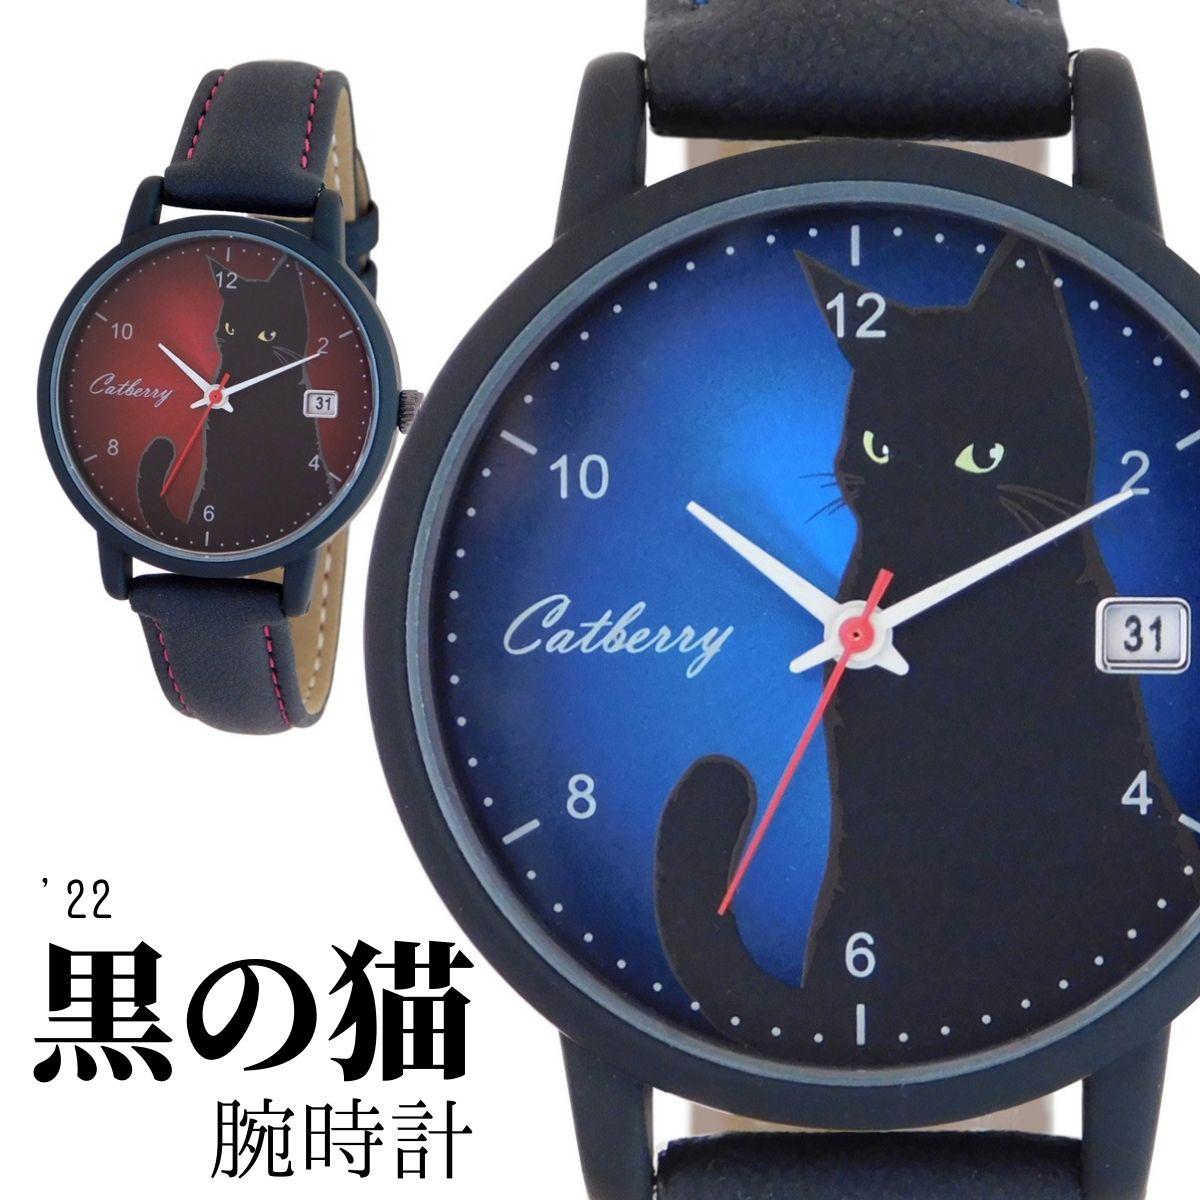 猫 腕時計 キャットベリー